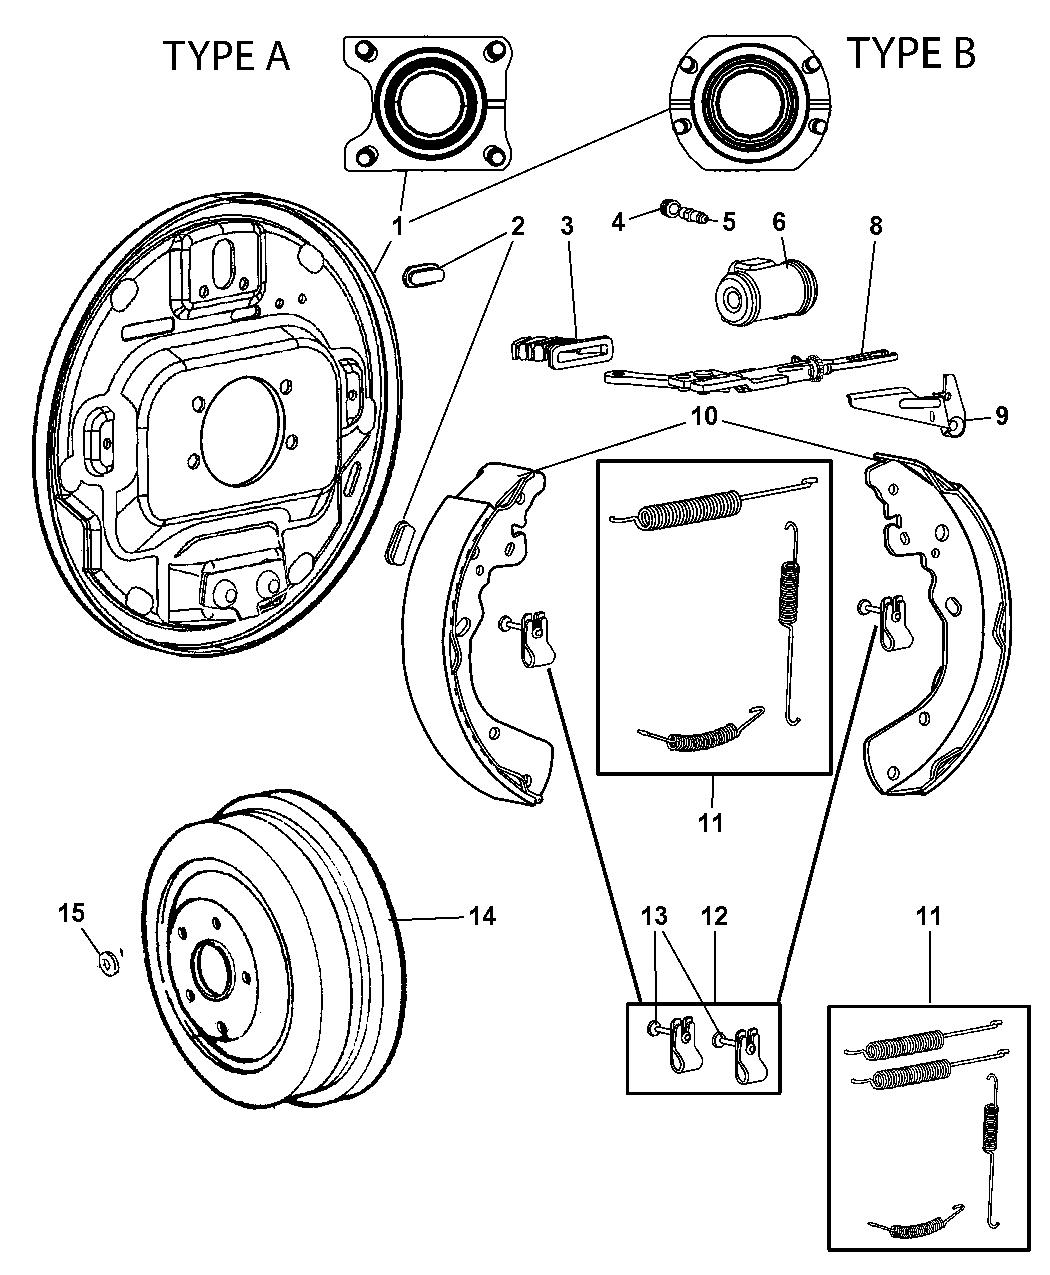 5159120ac - genuine dodge lever-rear wheel brake adjust  mopar parts giant